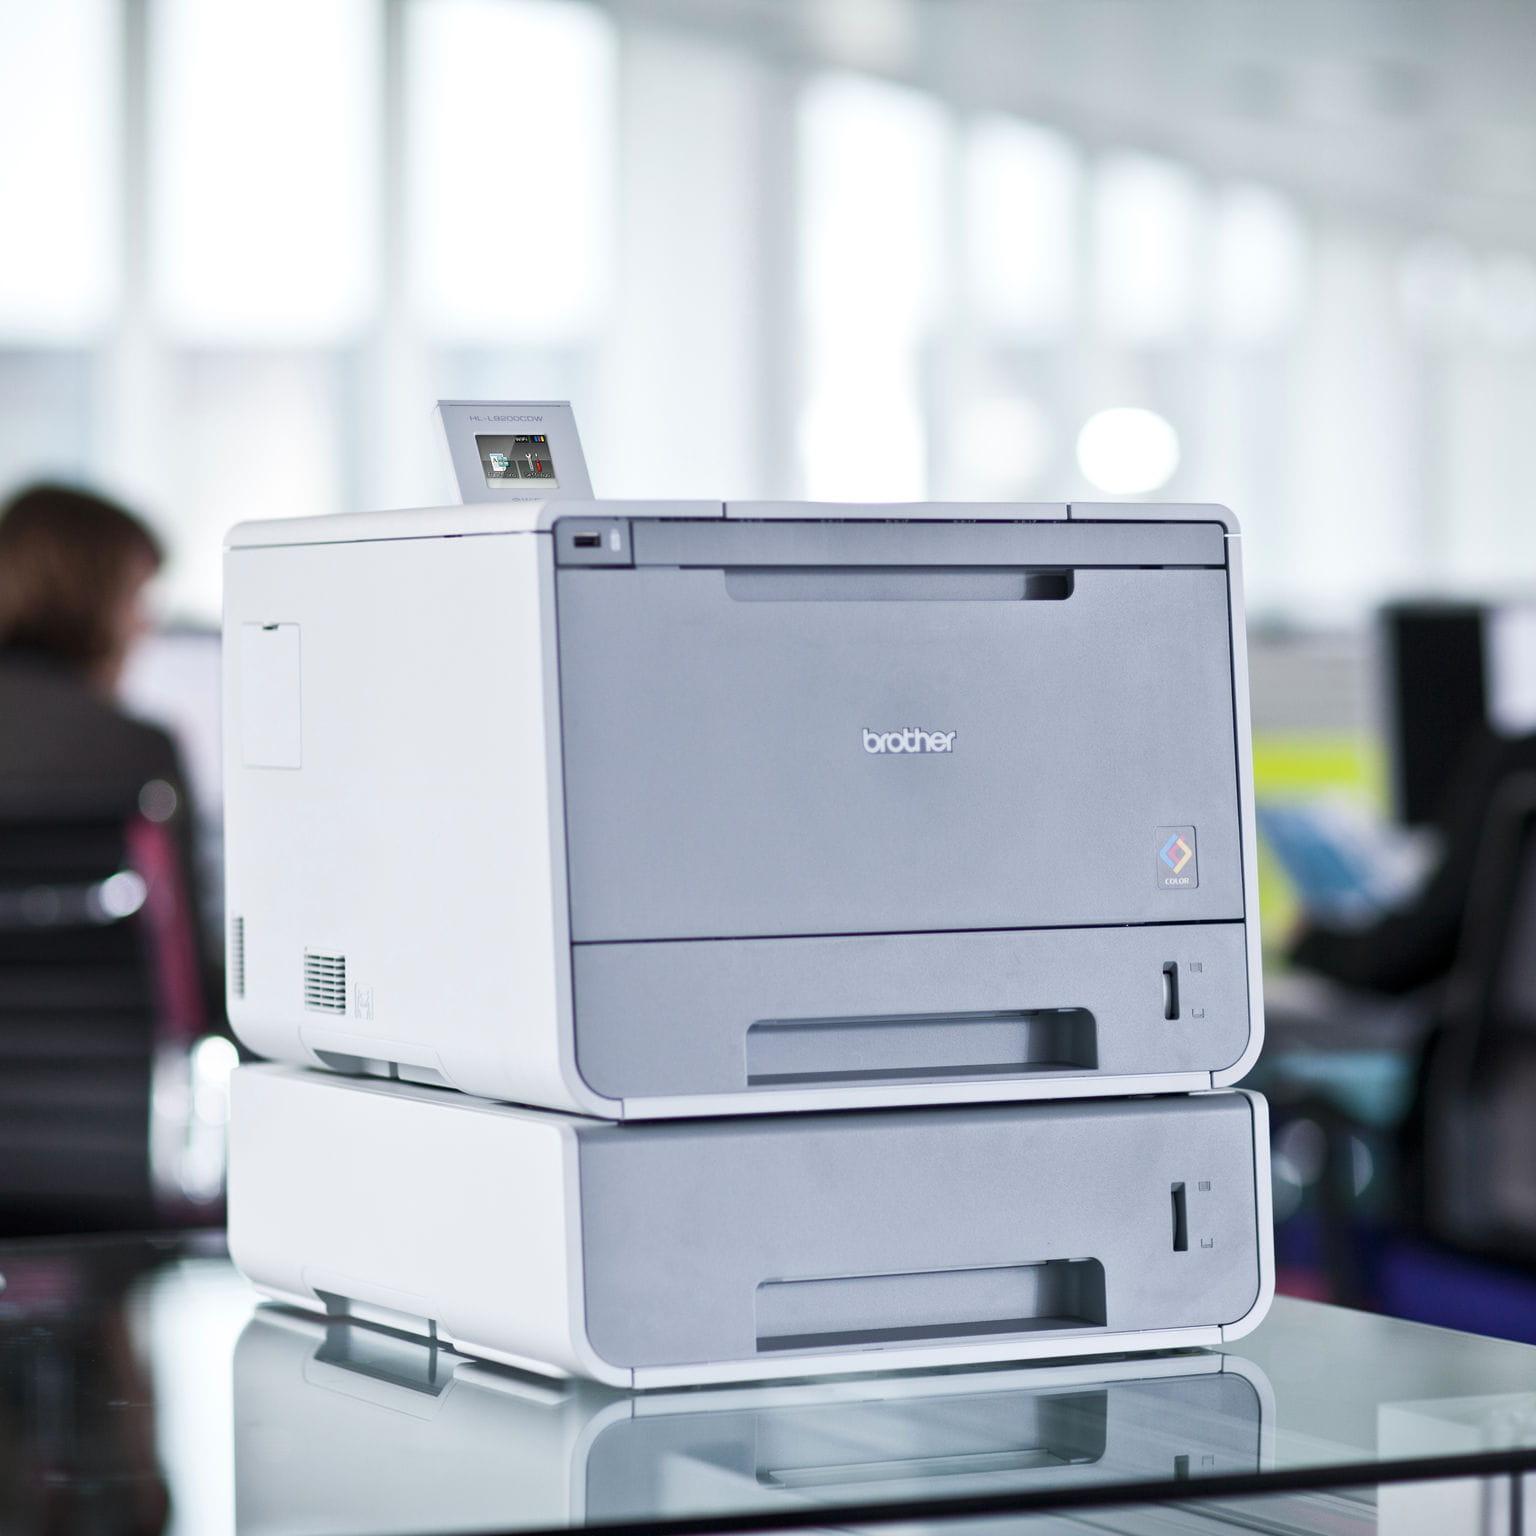 Stampante laser a colori professionali Brother HL-L9200CDWT all'interno di un ufficio